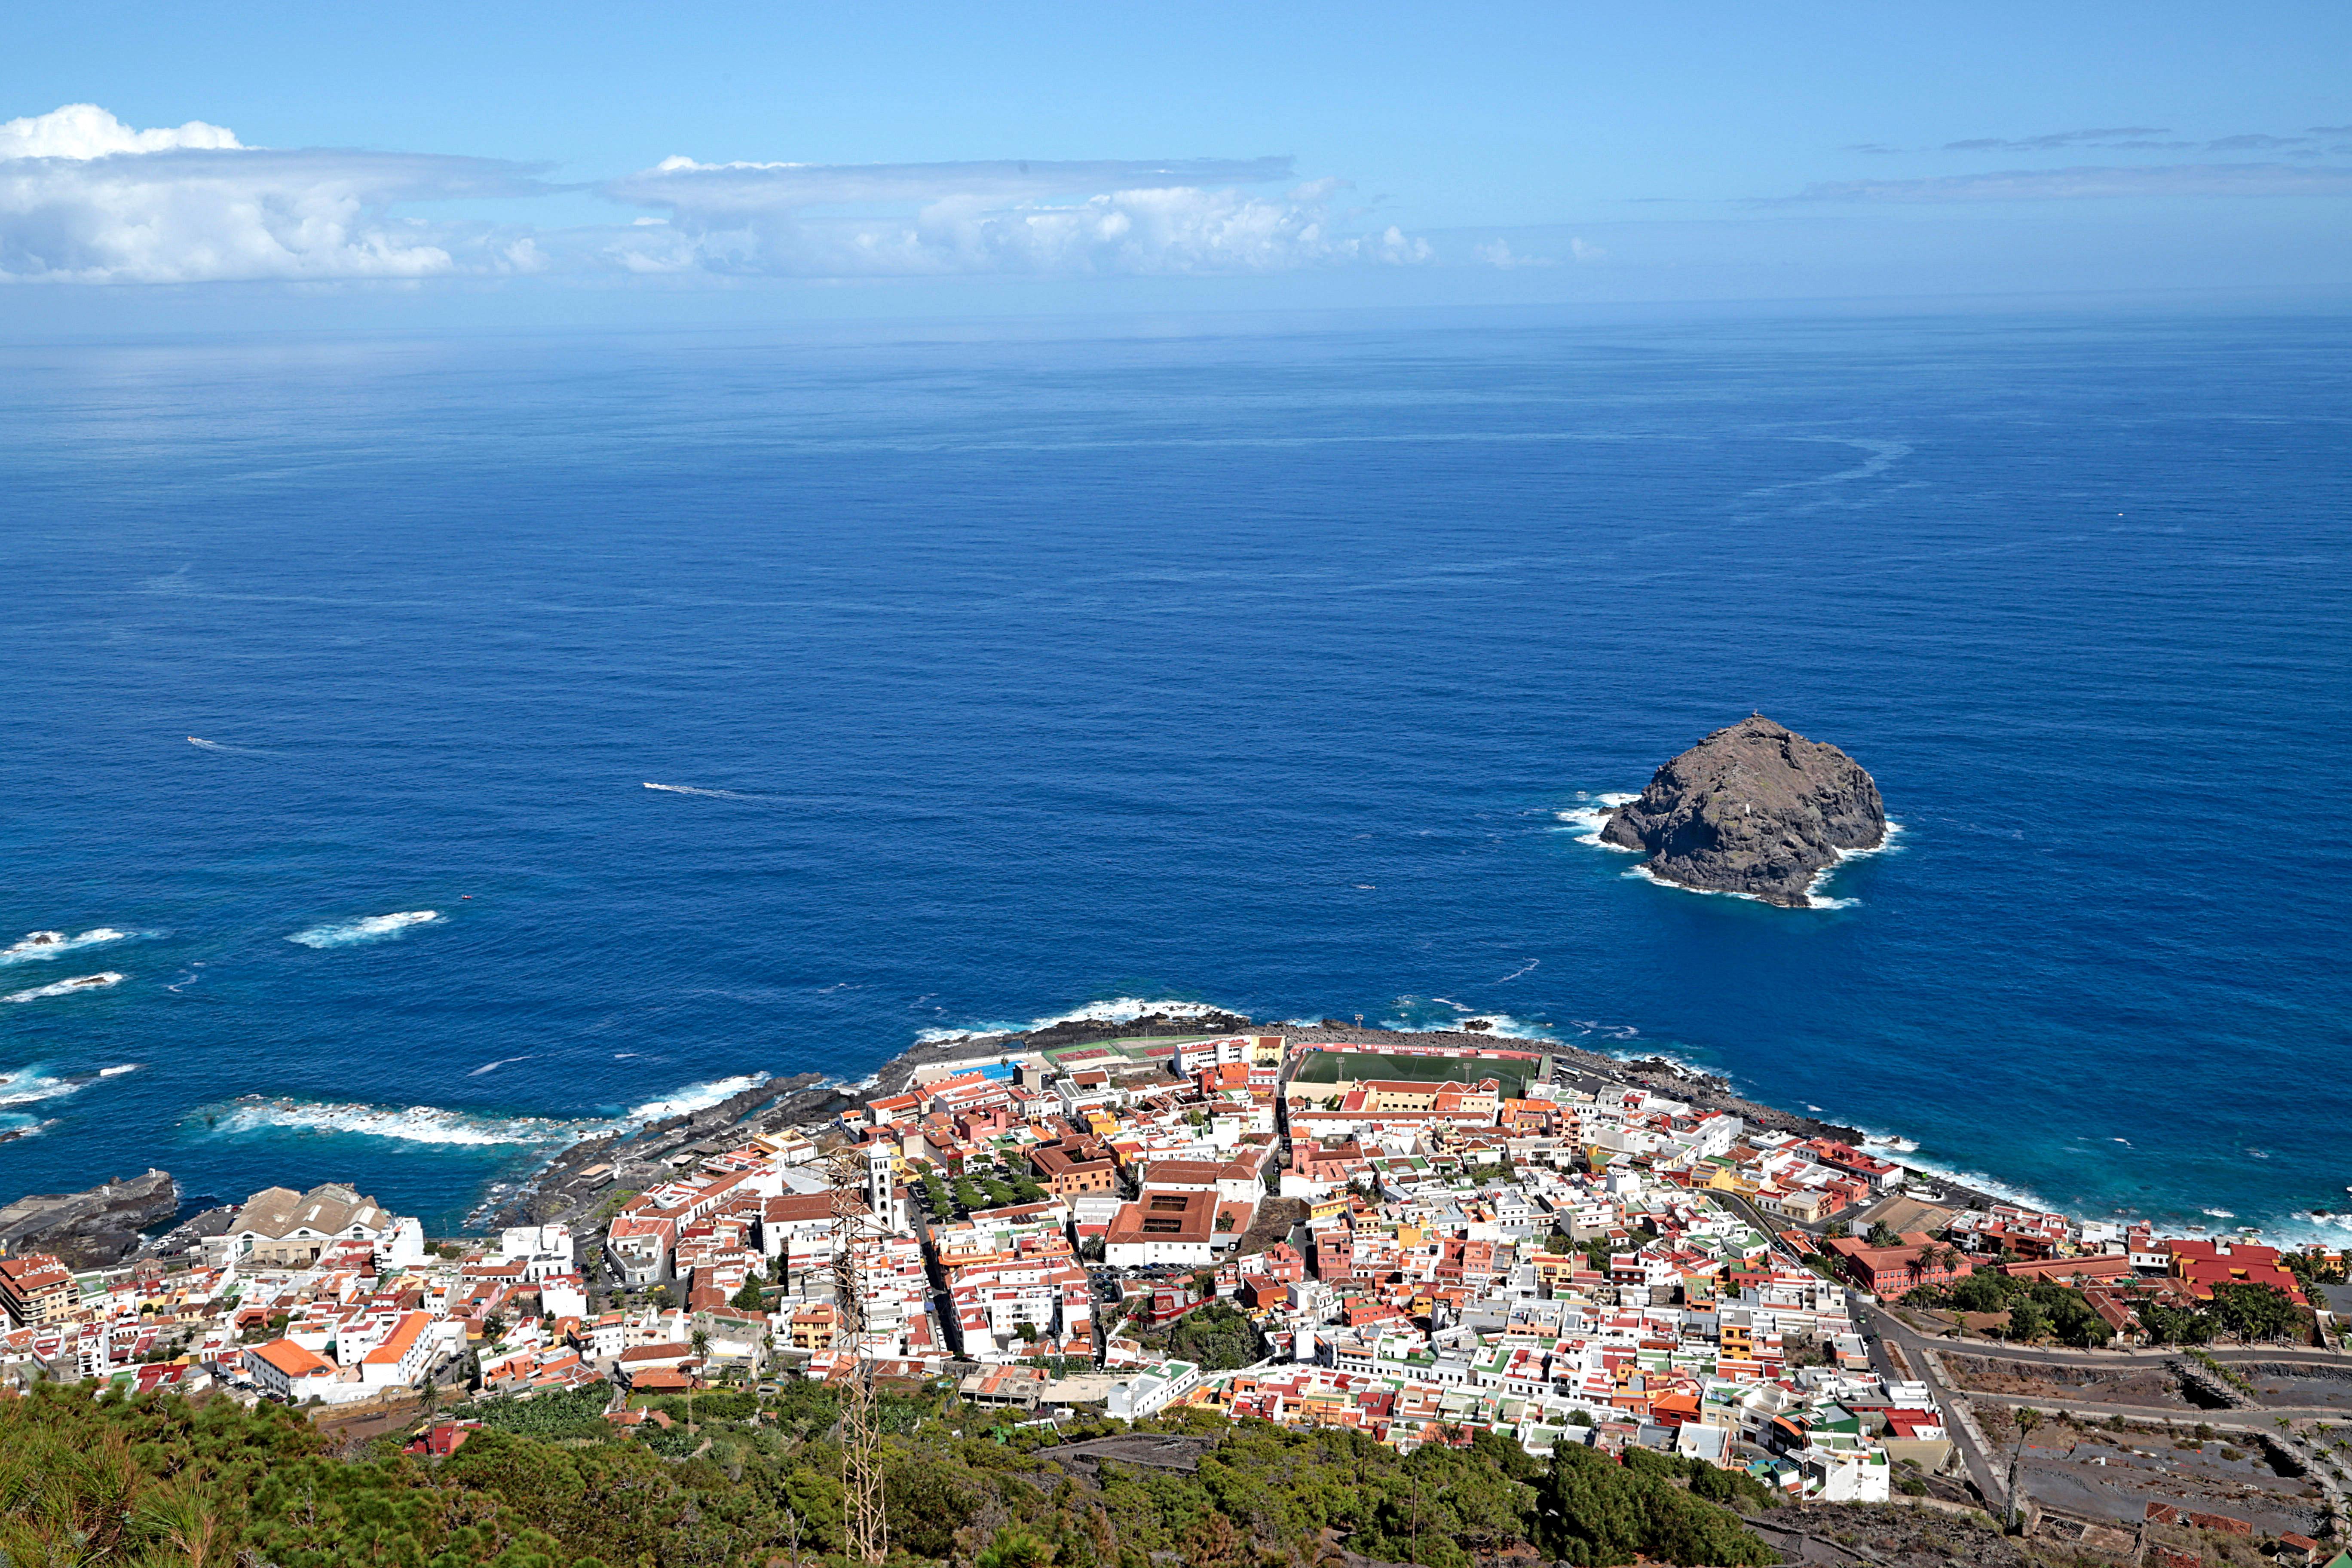 vista aerea Tenerife